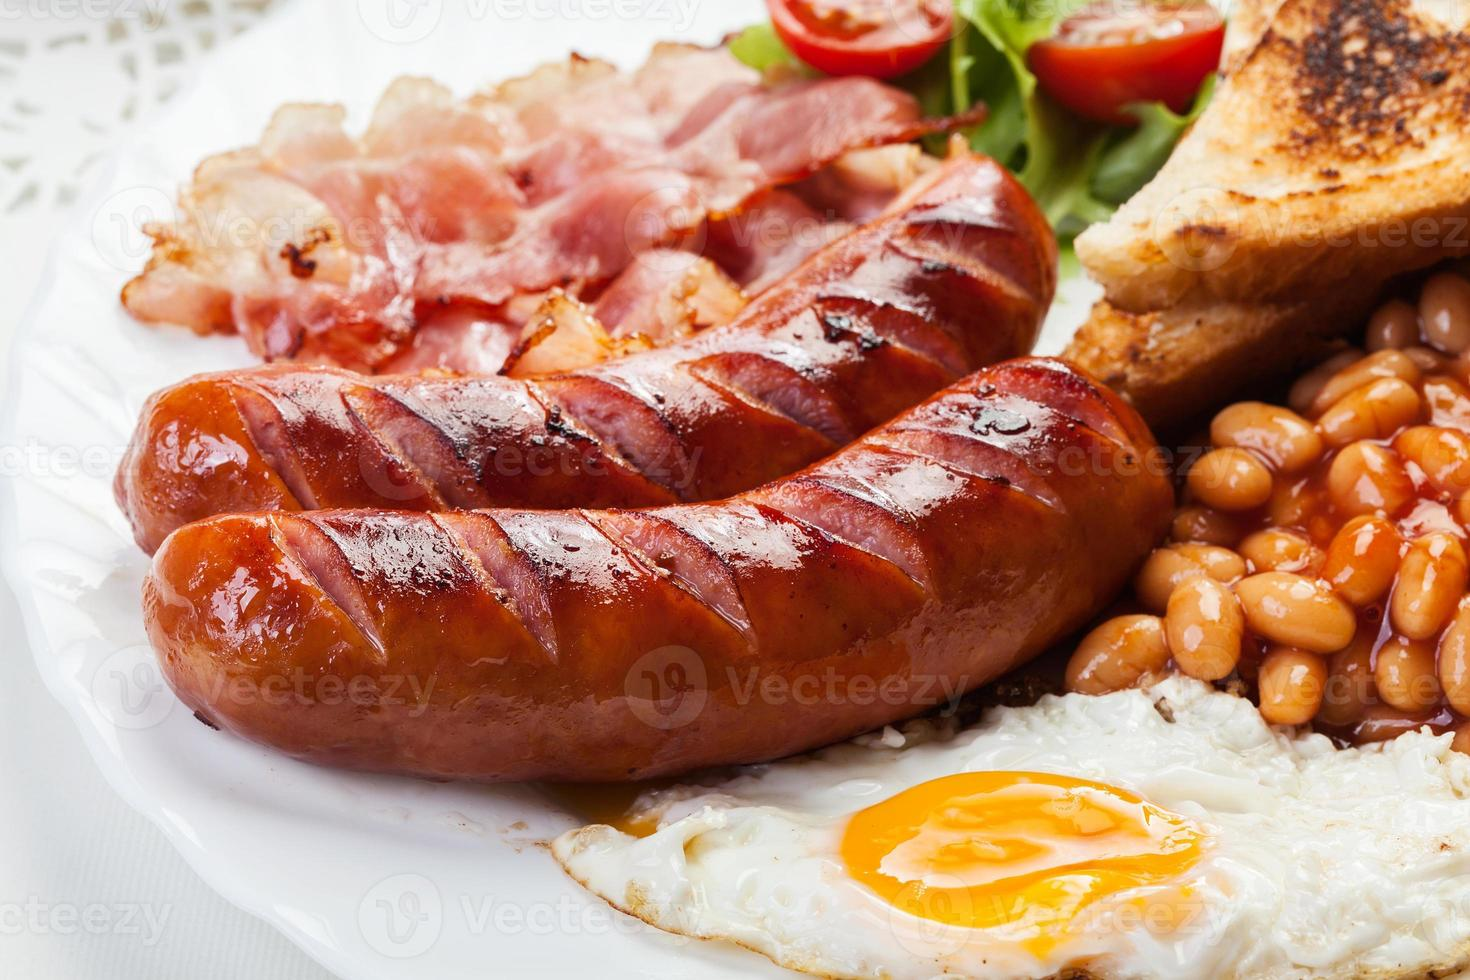 petit déjeuner anglais complet avec bacon, saucisse, oeuf et haricots photo